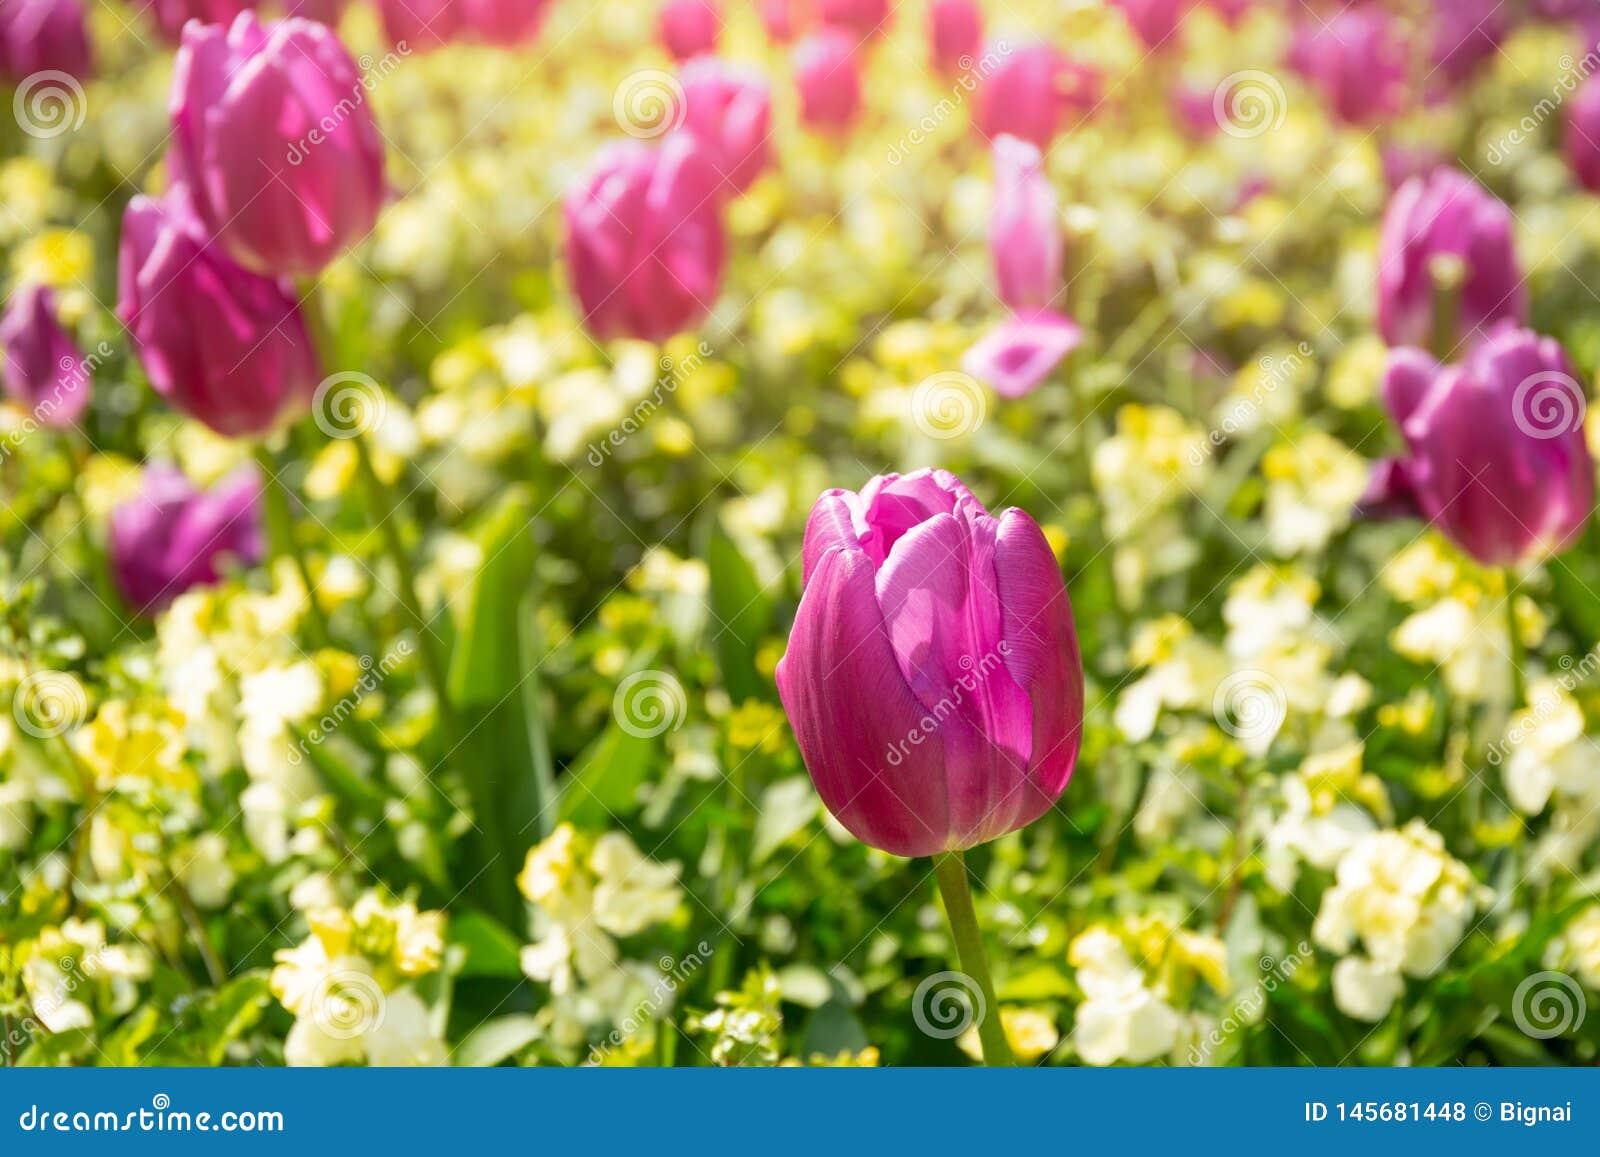 Выбранный цветок тюльпана пинка фокуса в саде с солнечным светом